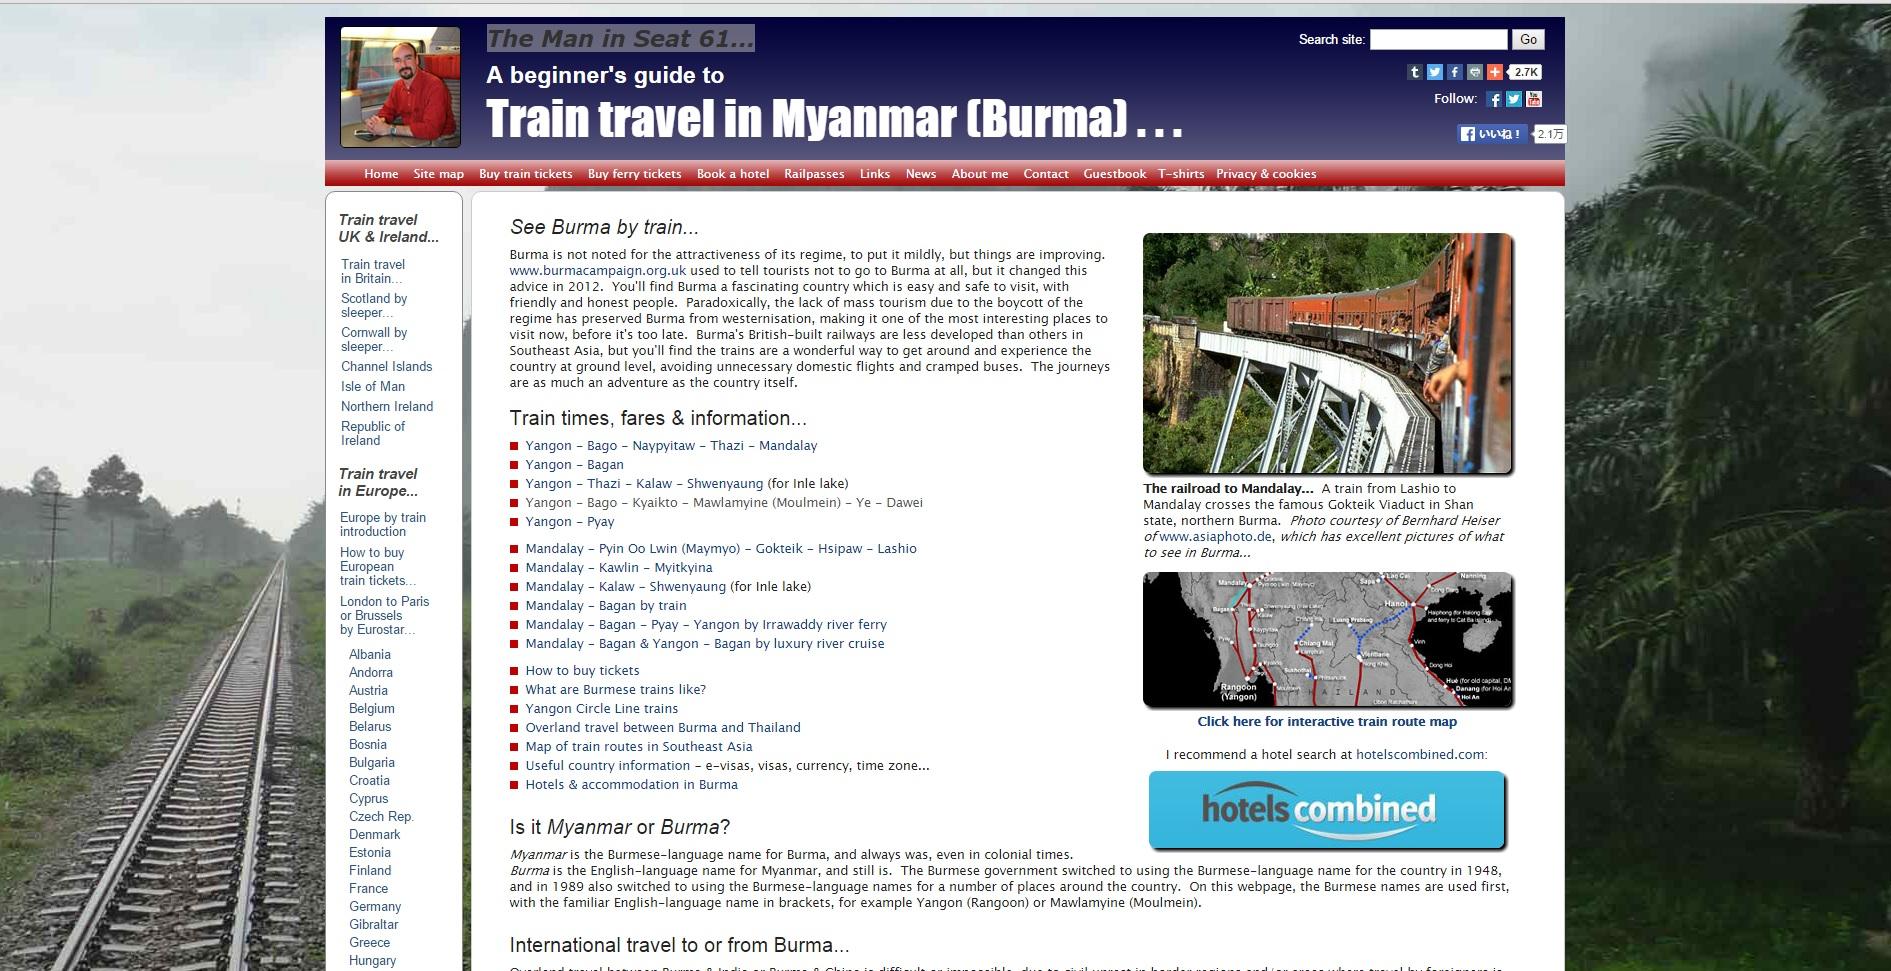 ミャンマー鉄道旅行お役立ちサイト